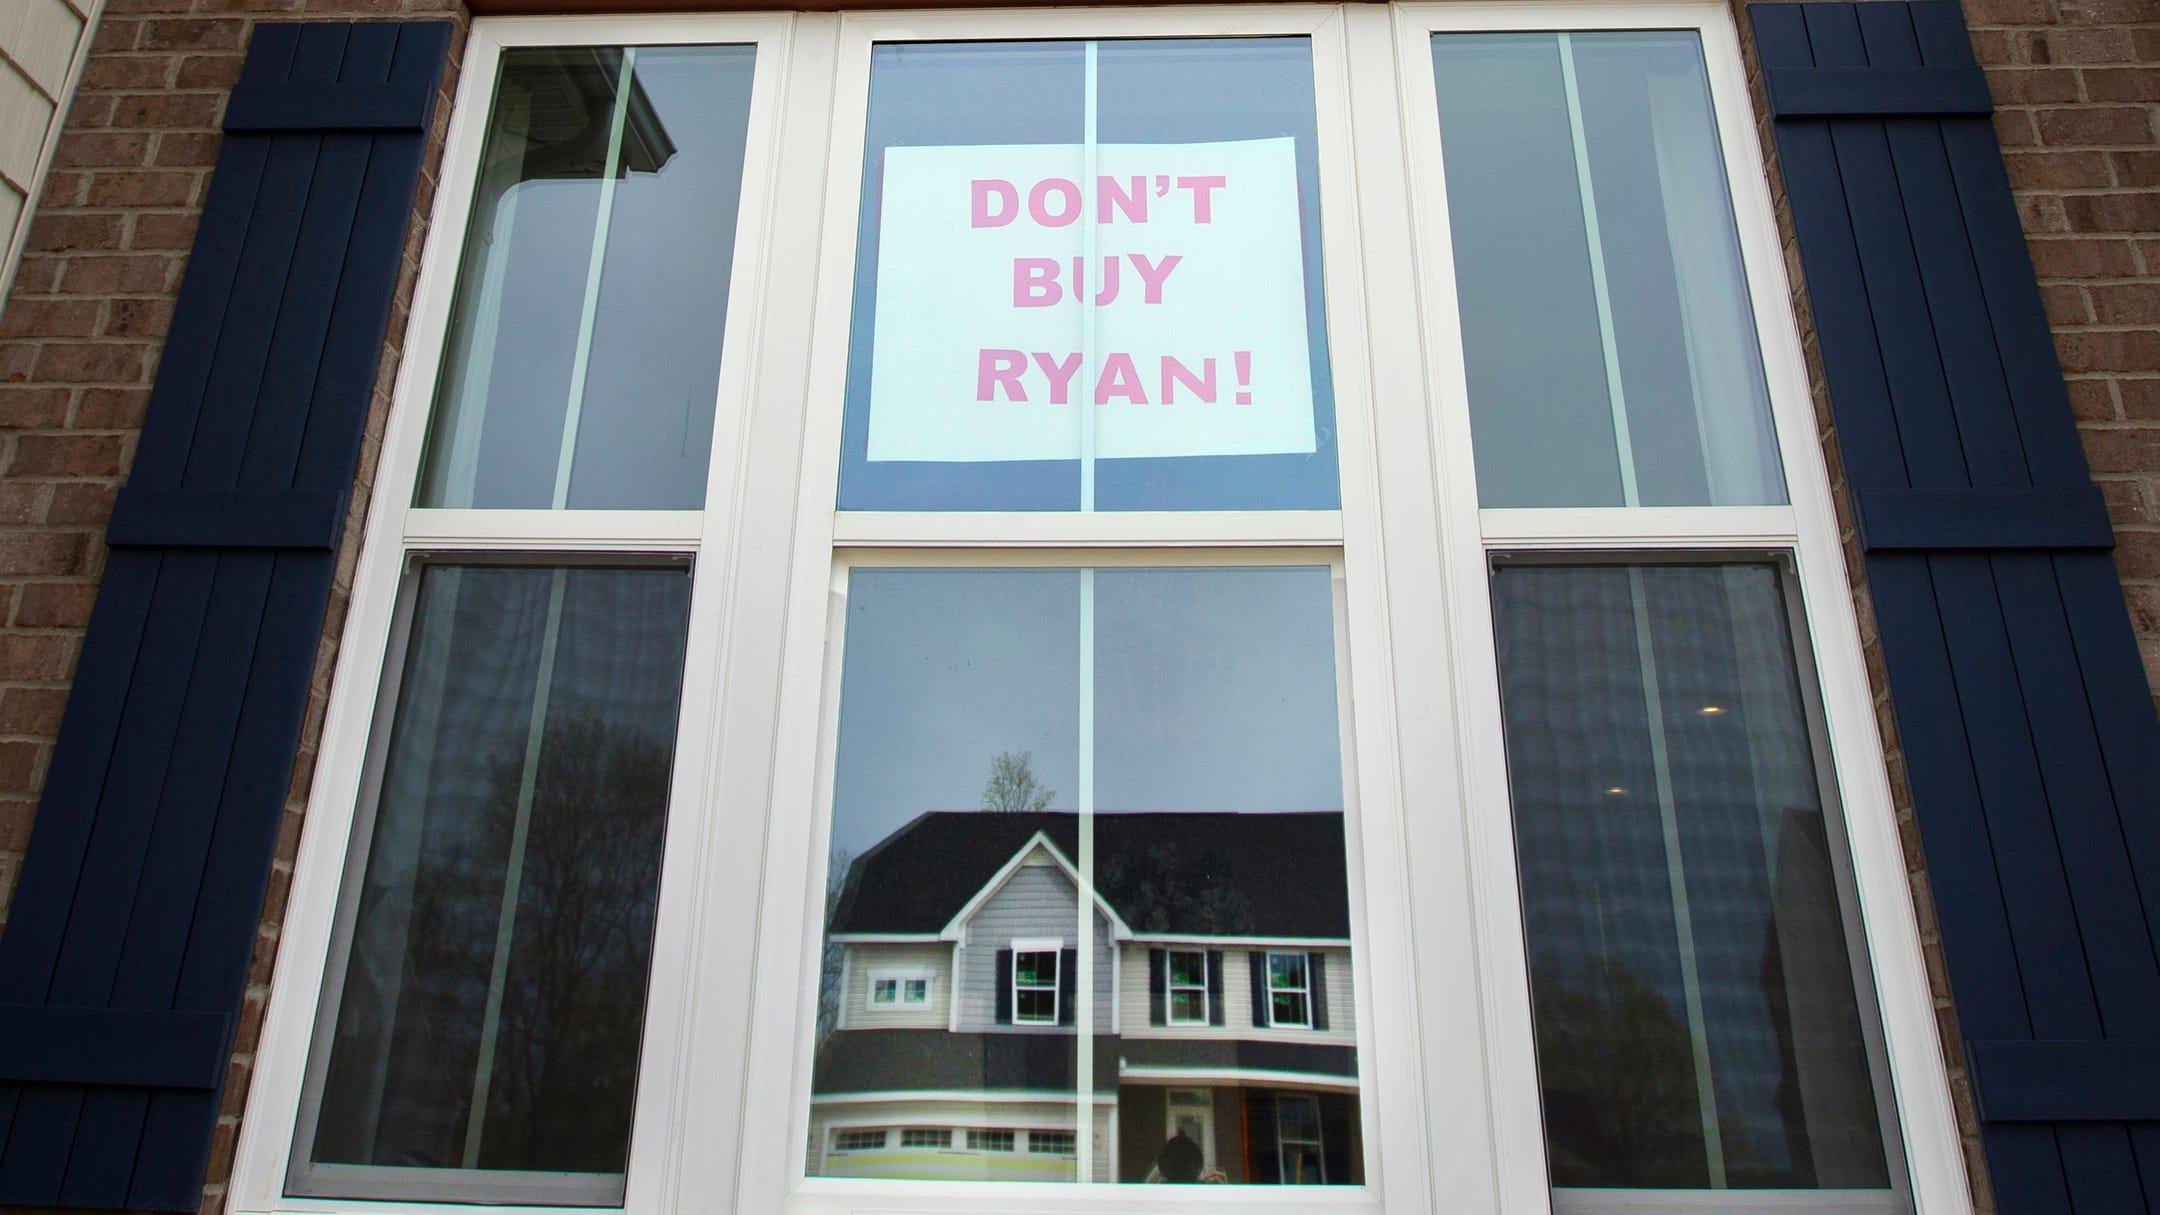 Ryan Homes nightmares: Buyers face